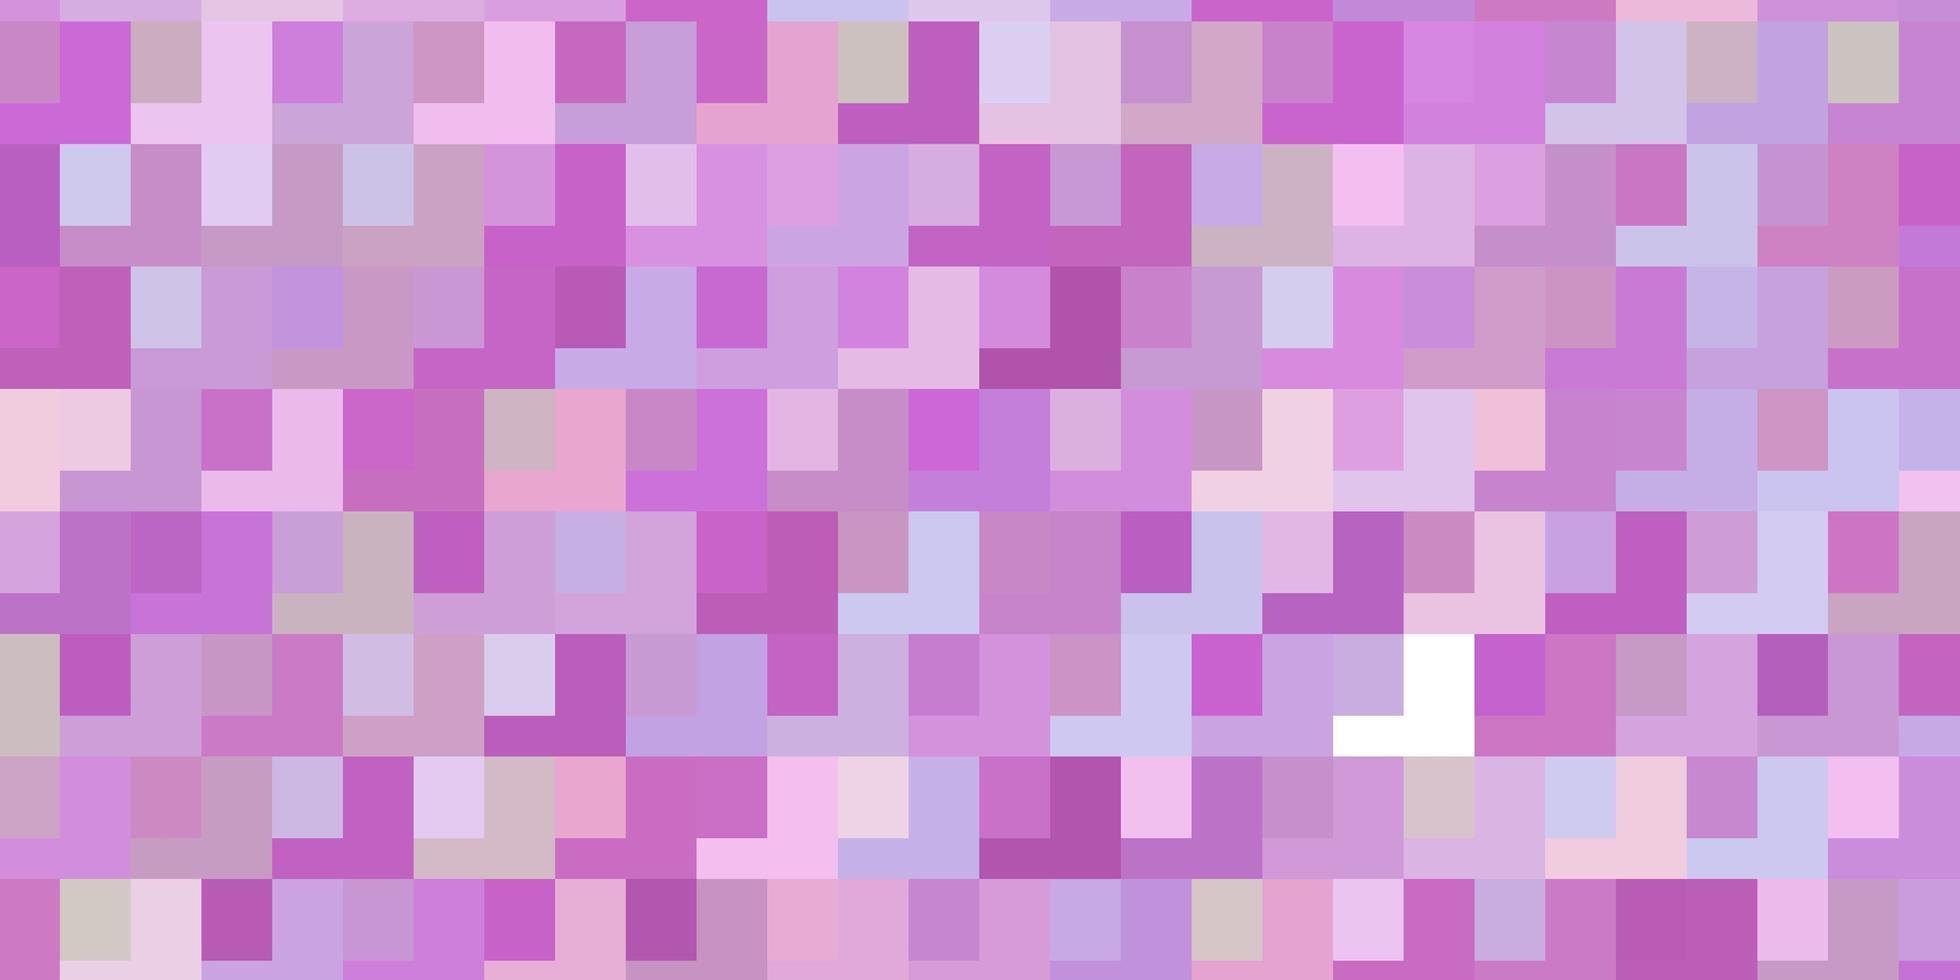 sfondo vettoriale viola chiaro, rosa con rettangoli.